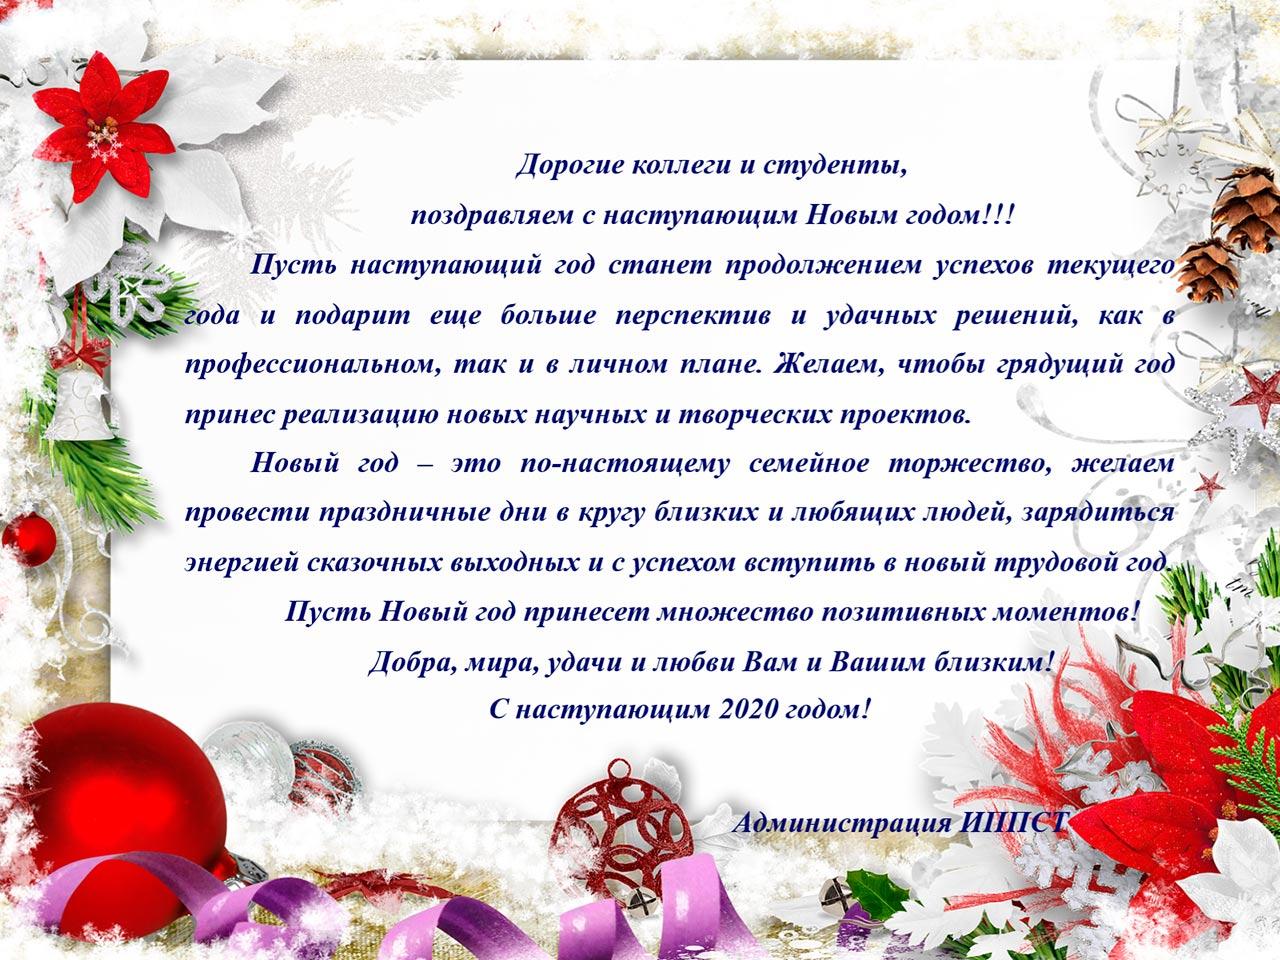 Поздравление с Новым годом от администрации ИППСТ